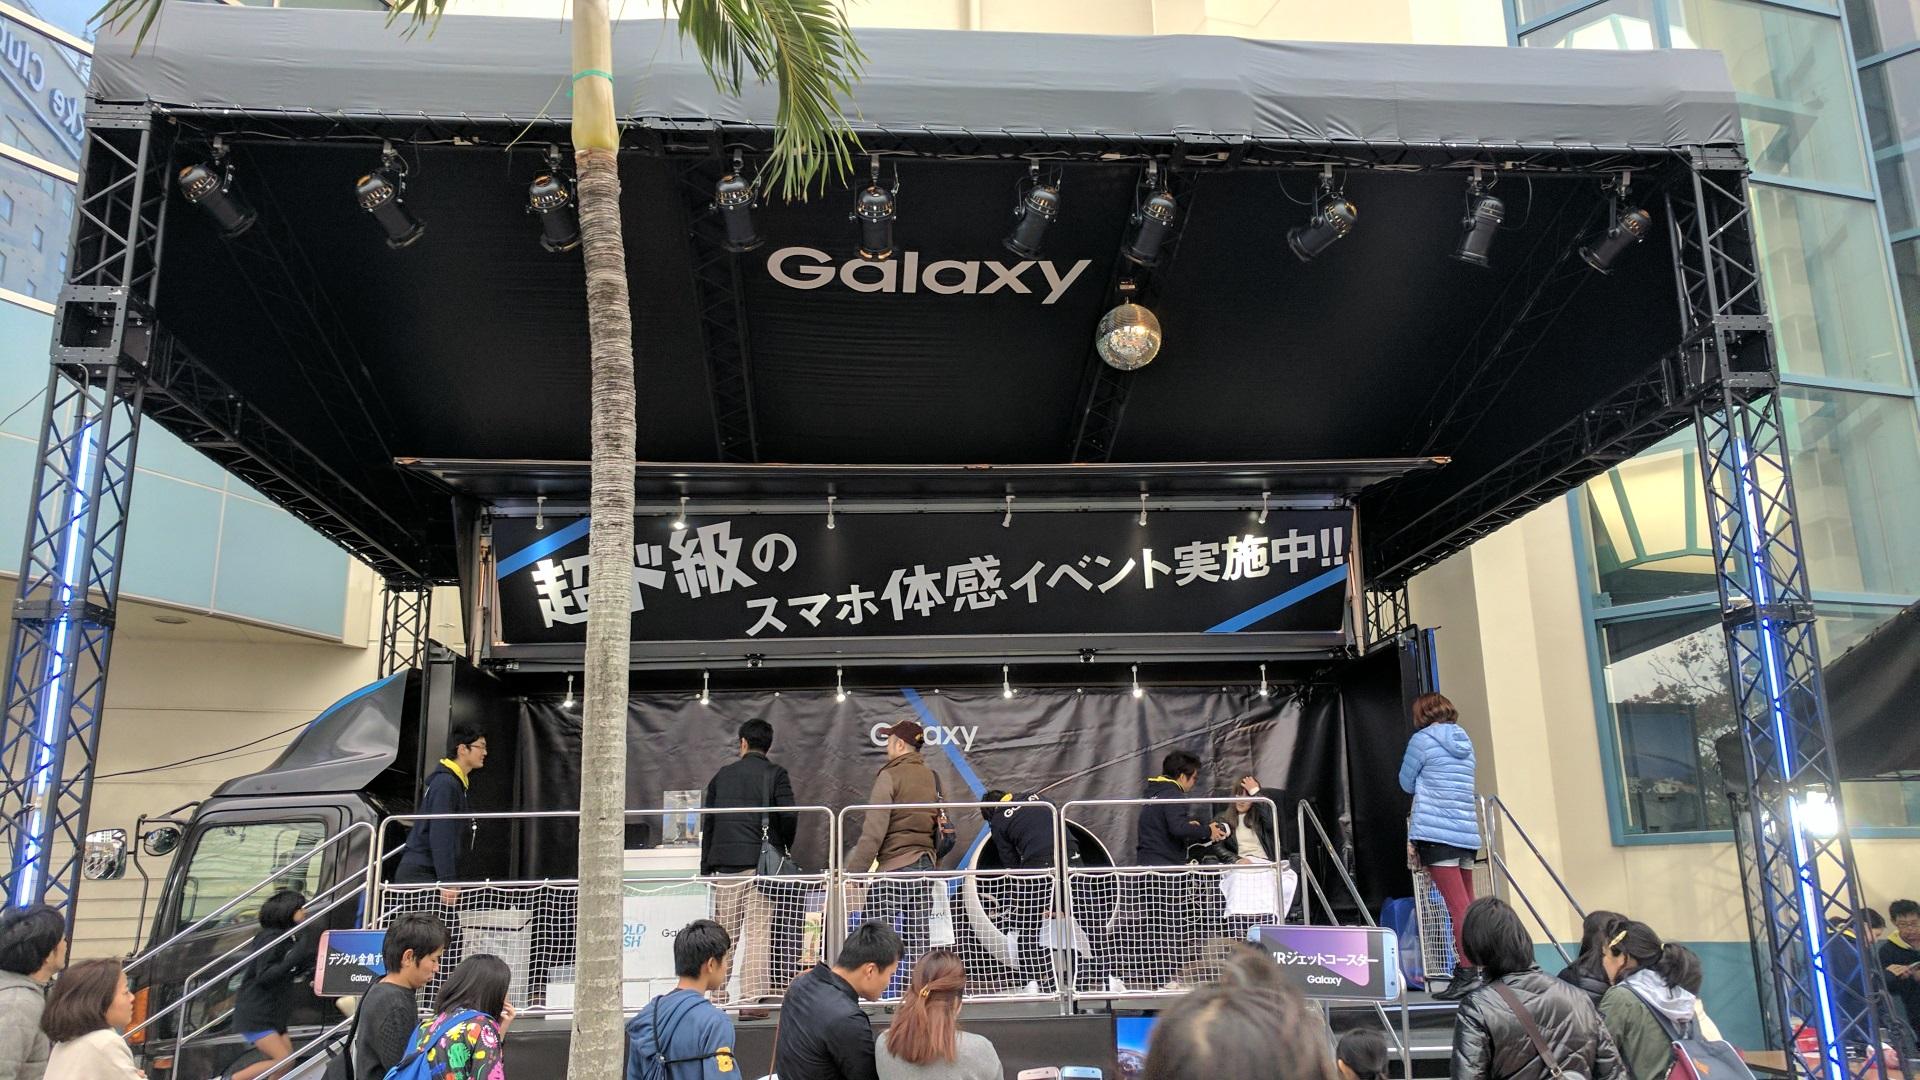 【レポート】沖縄メインプレイスで開催されている「Galaxyキャラバン」に行ってきた